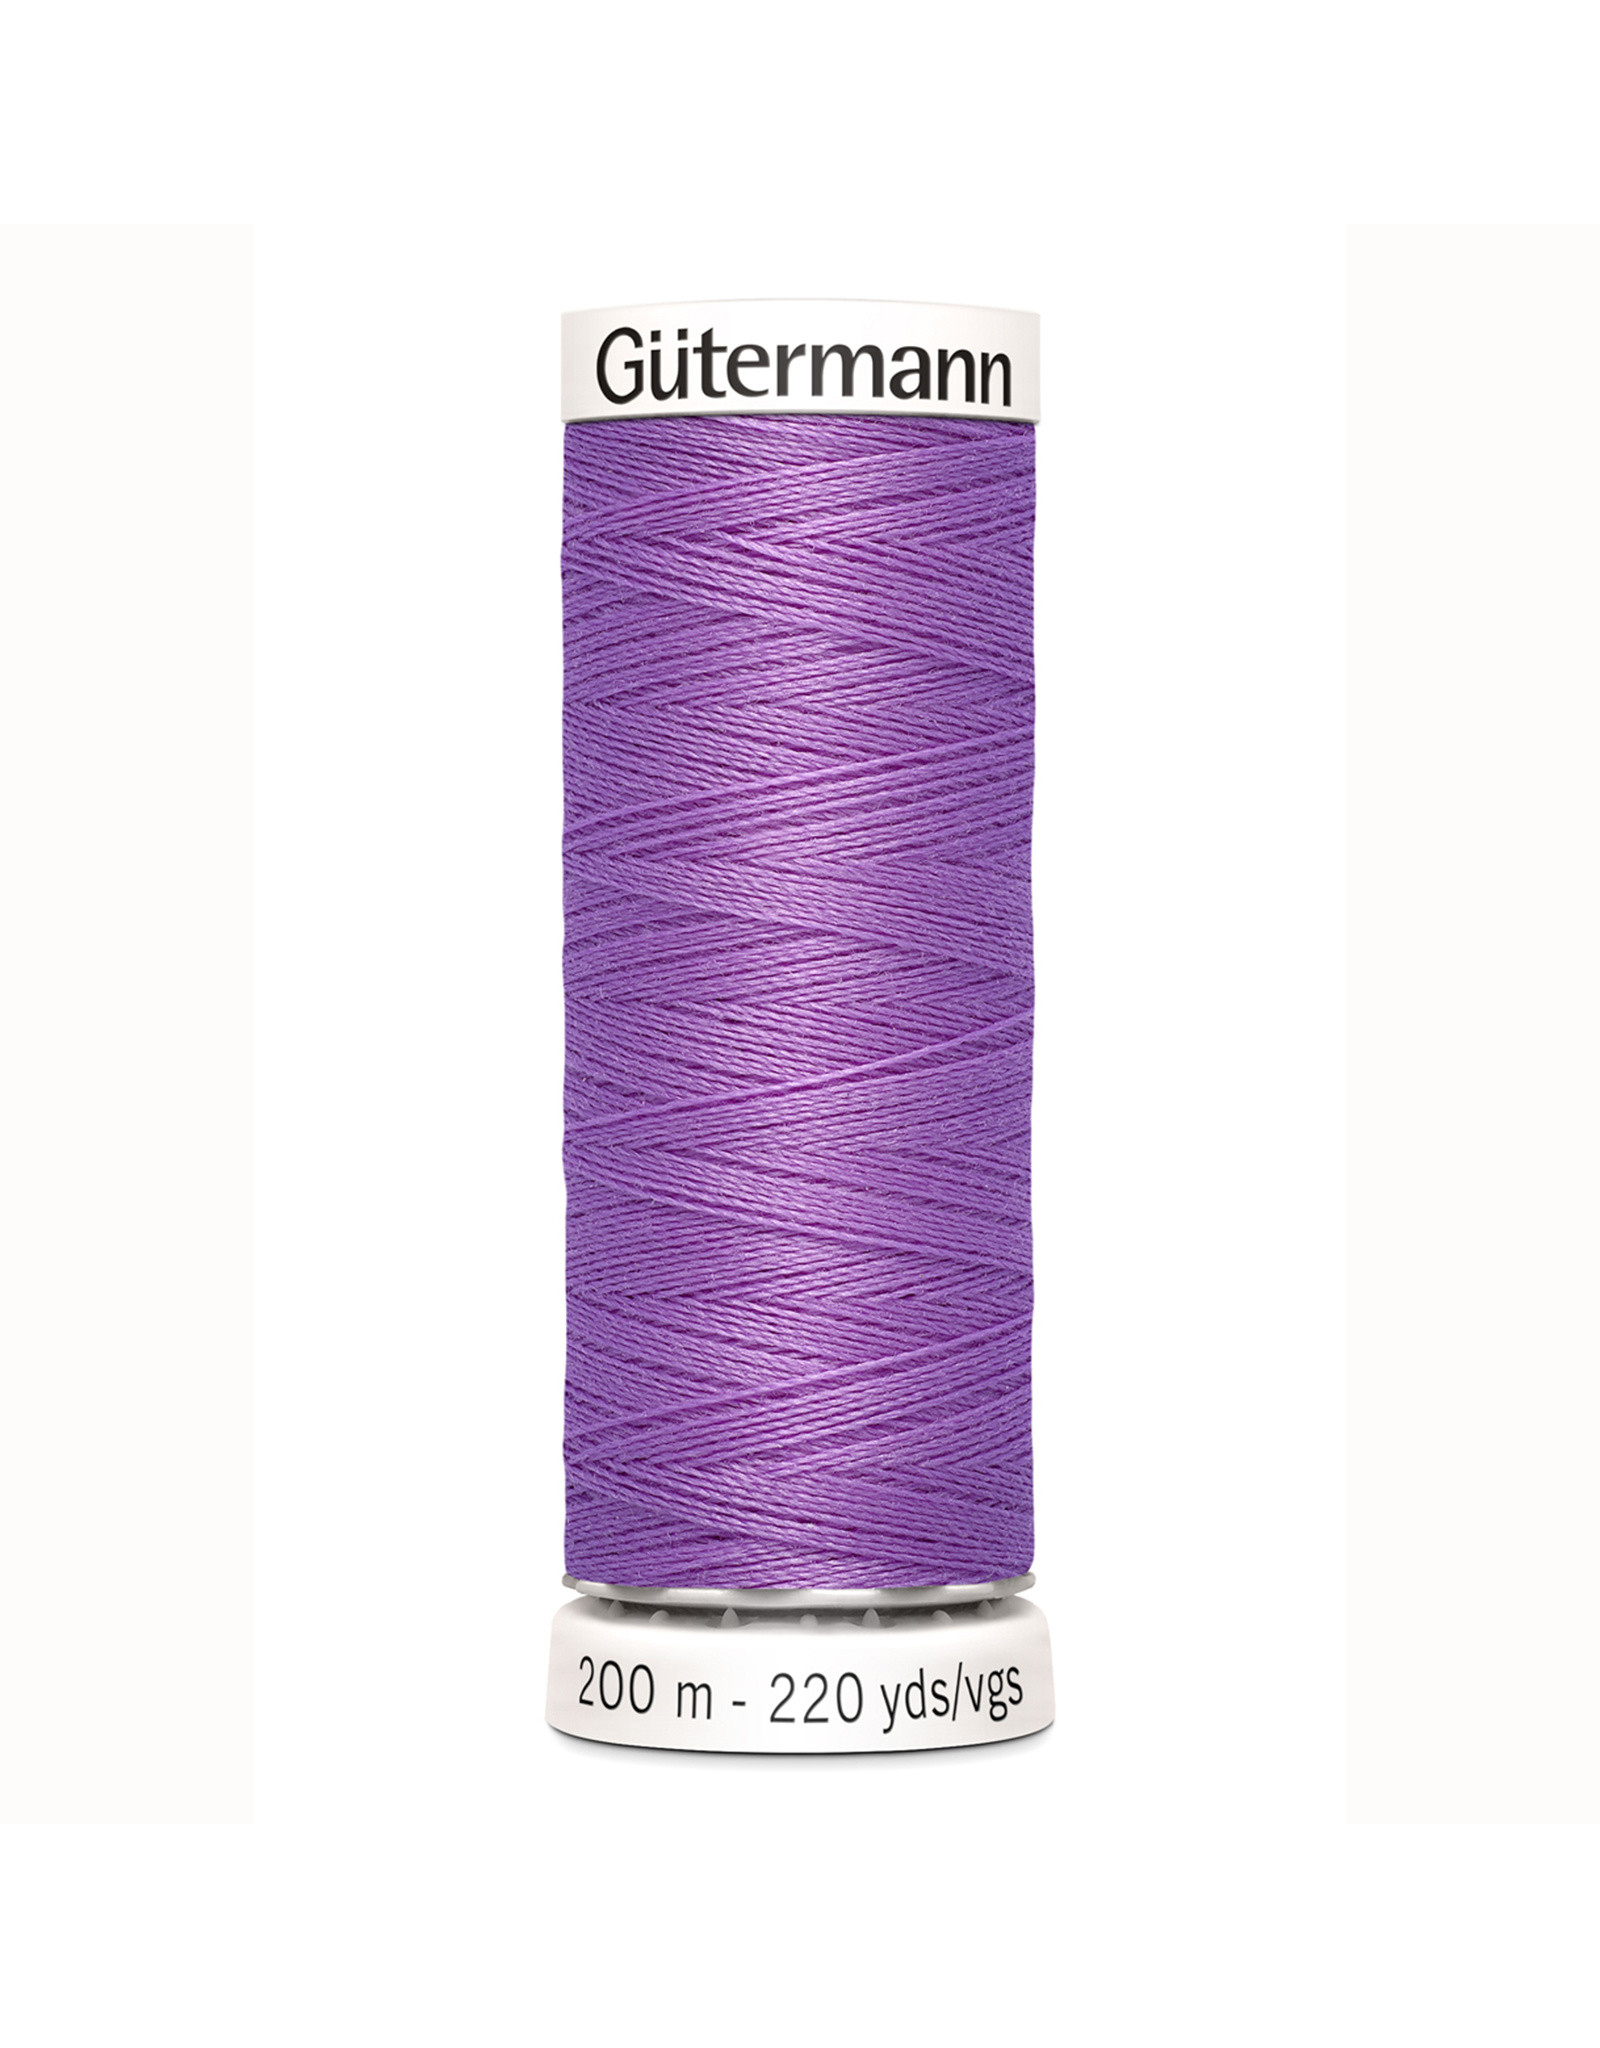 Gütermann Gütermann Nähgarn 200 m - nr 291